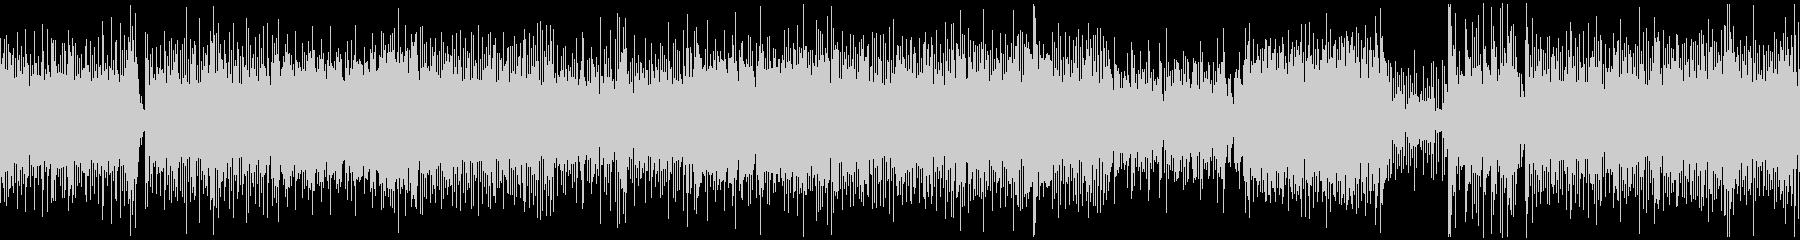 和風、三味線メタル2、激しい(声入り)Dの未再生の波形